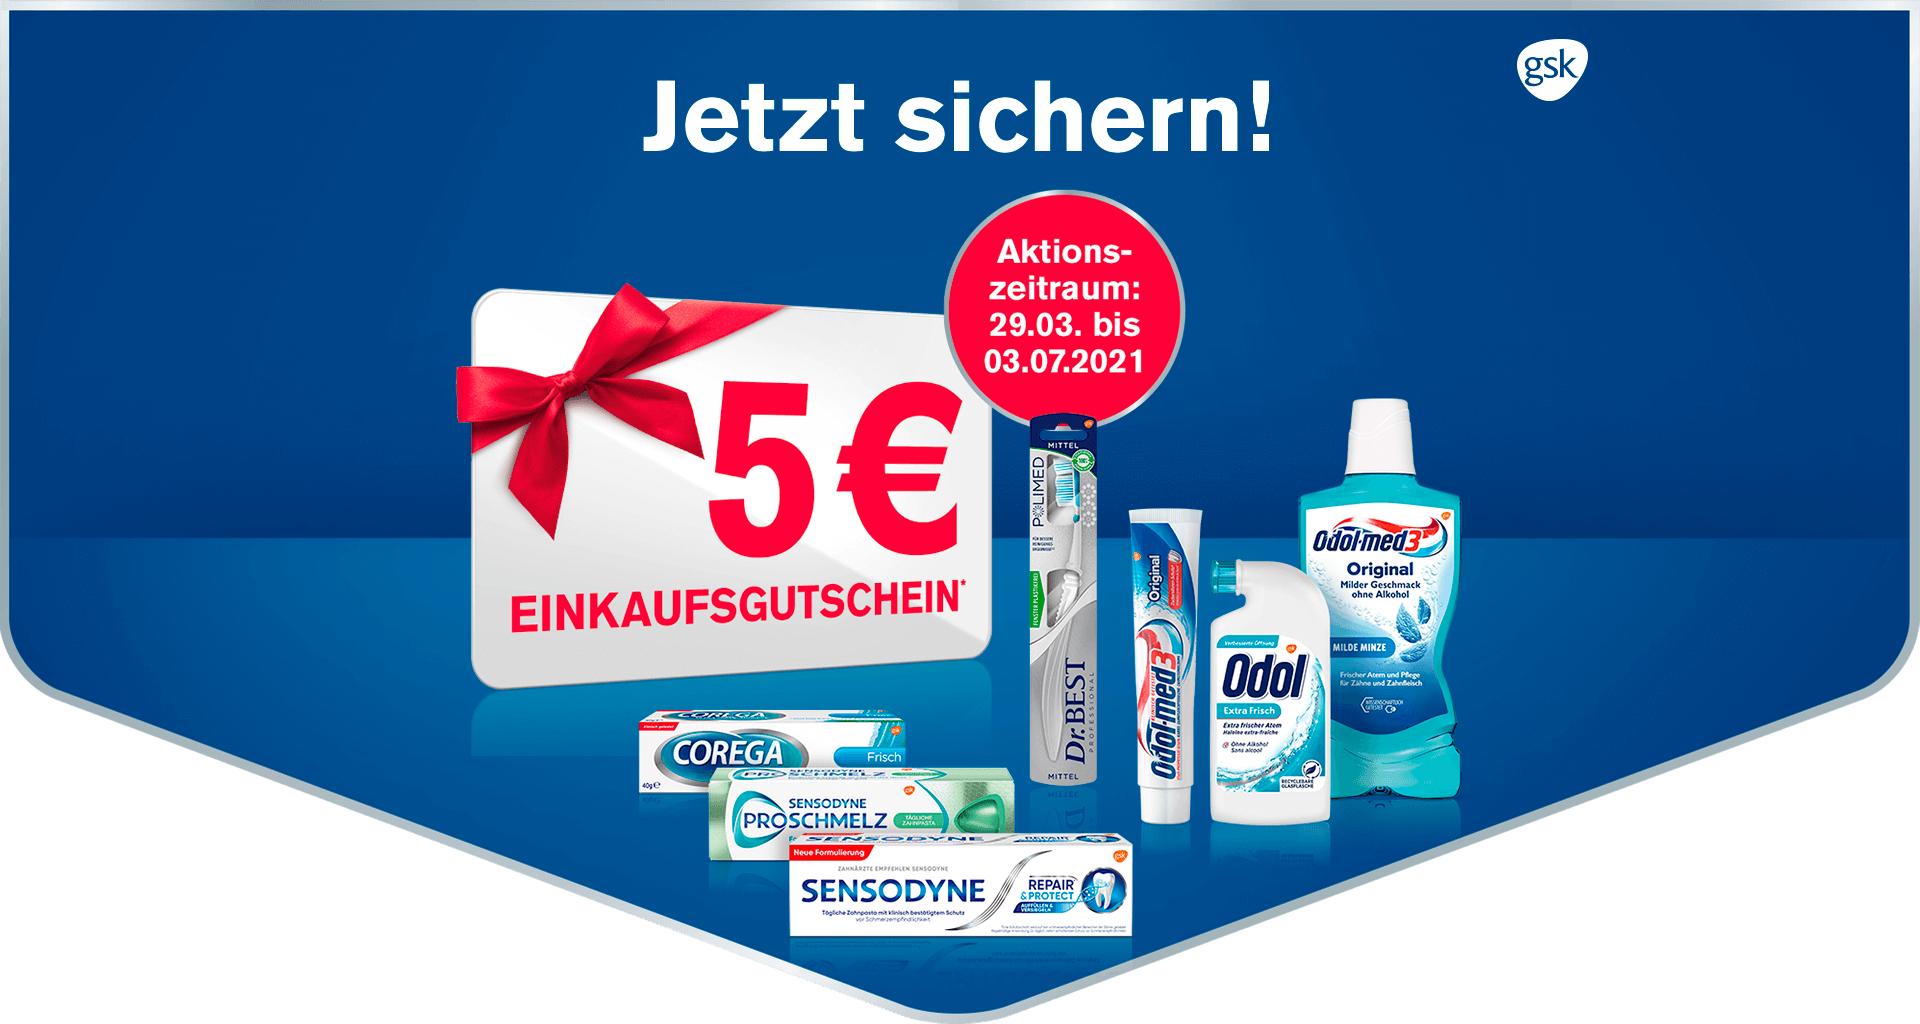 5€ Einkaufsgutschein beim Kauf von Sensodyne, Dr.Best, Odol, Corega Produkten im Wert von 10€